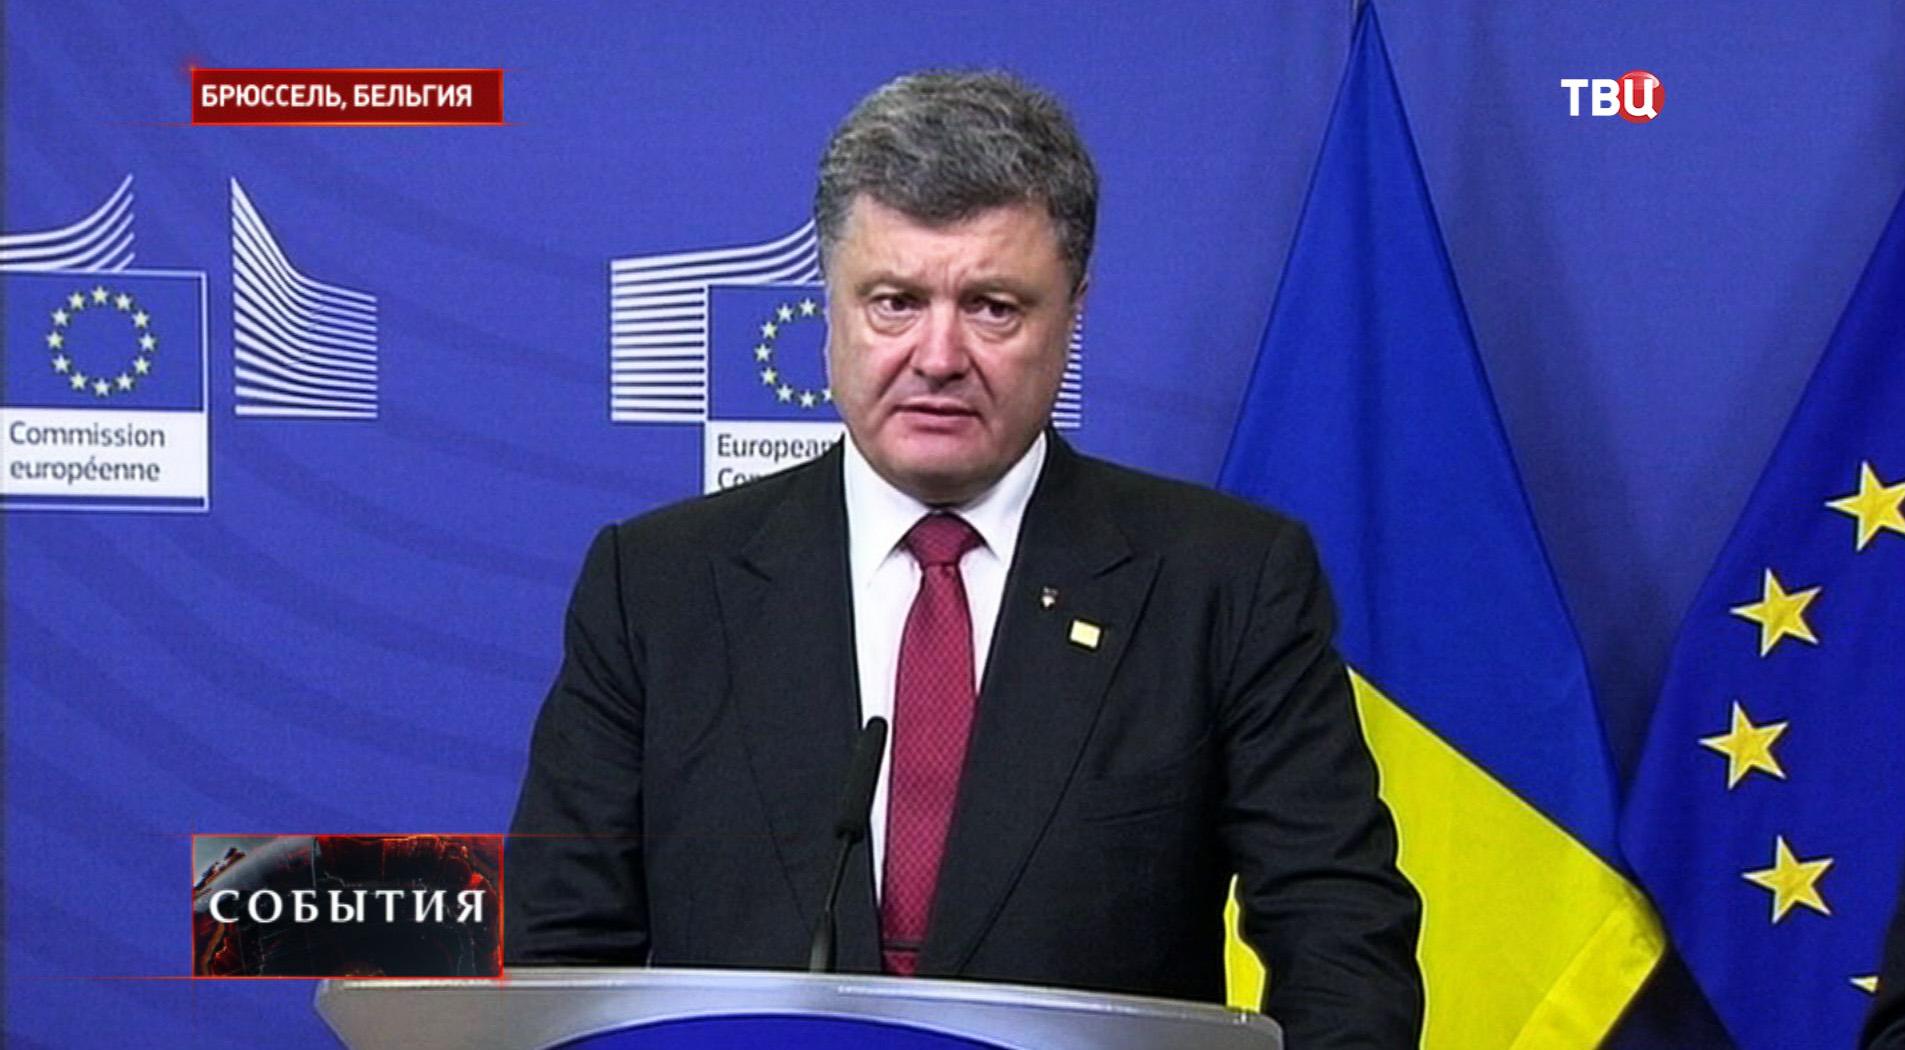 Президент Украины Петр Порошенко саммит ЕС в Брюсселе